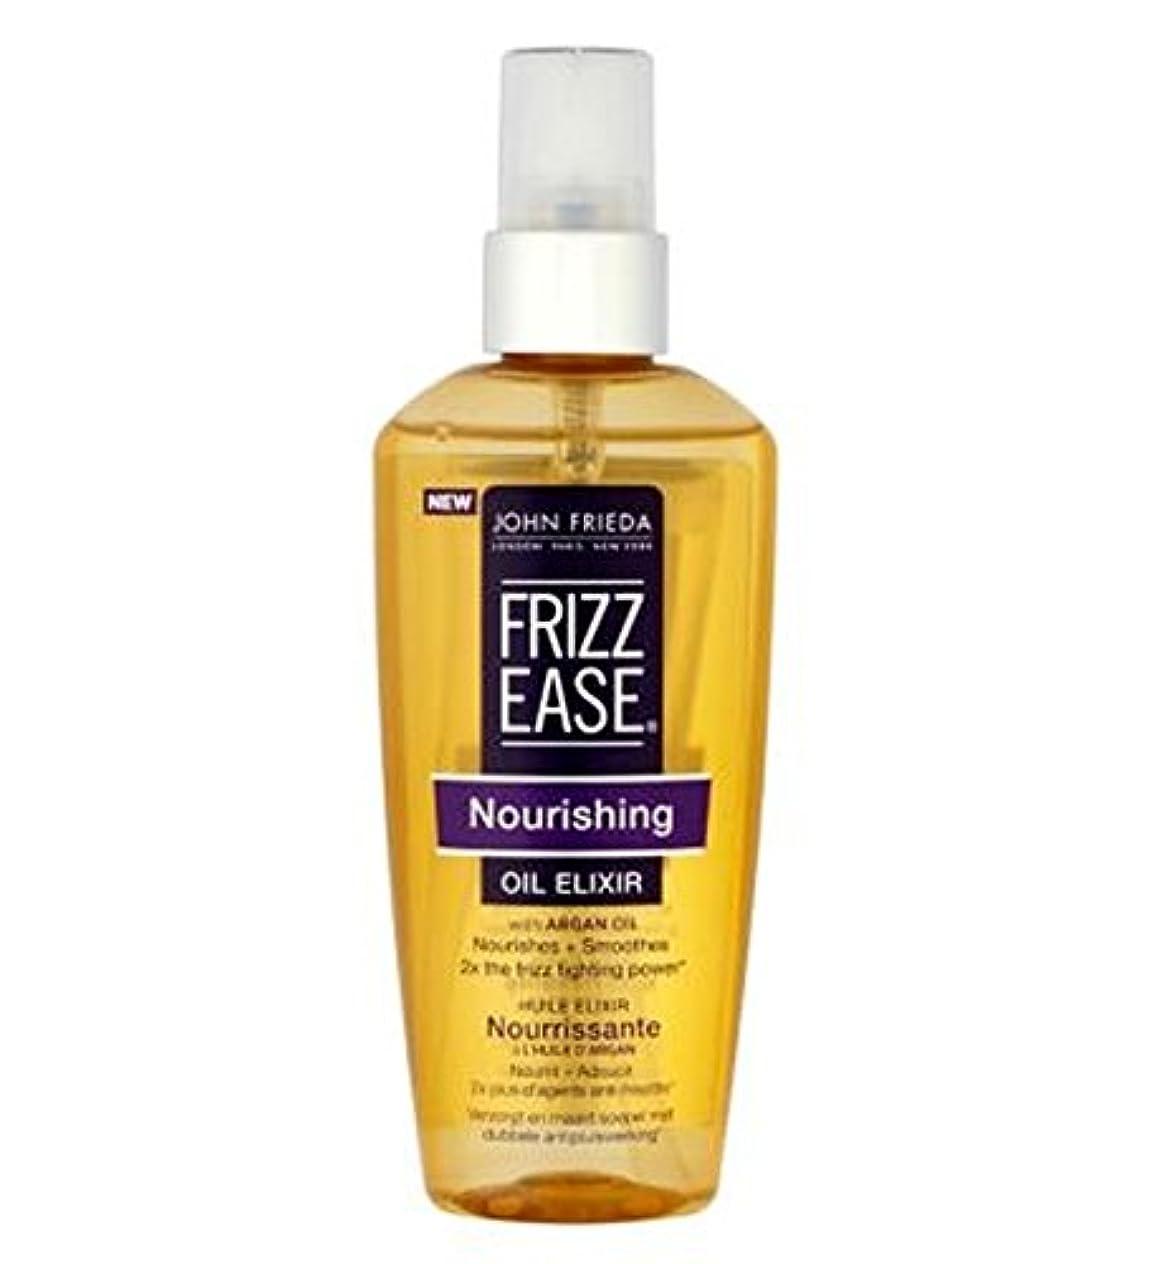 敬意シロクマ水平John Frieda Frizz-Ease Nourishing Oil Elixir 100ml - ジョン?フリーダ縮れ-容易栄養オイルエリキシルの100ミリリットル (John Frieda) [並行輸入品]